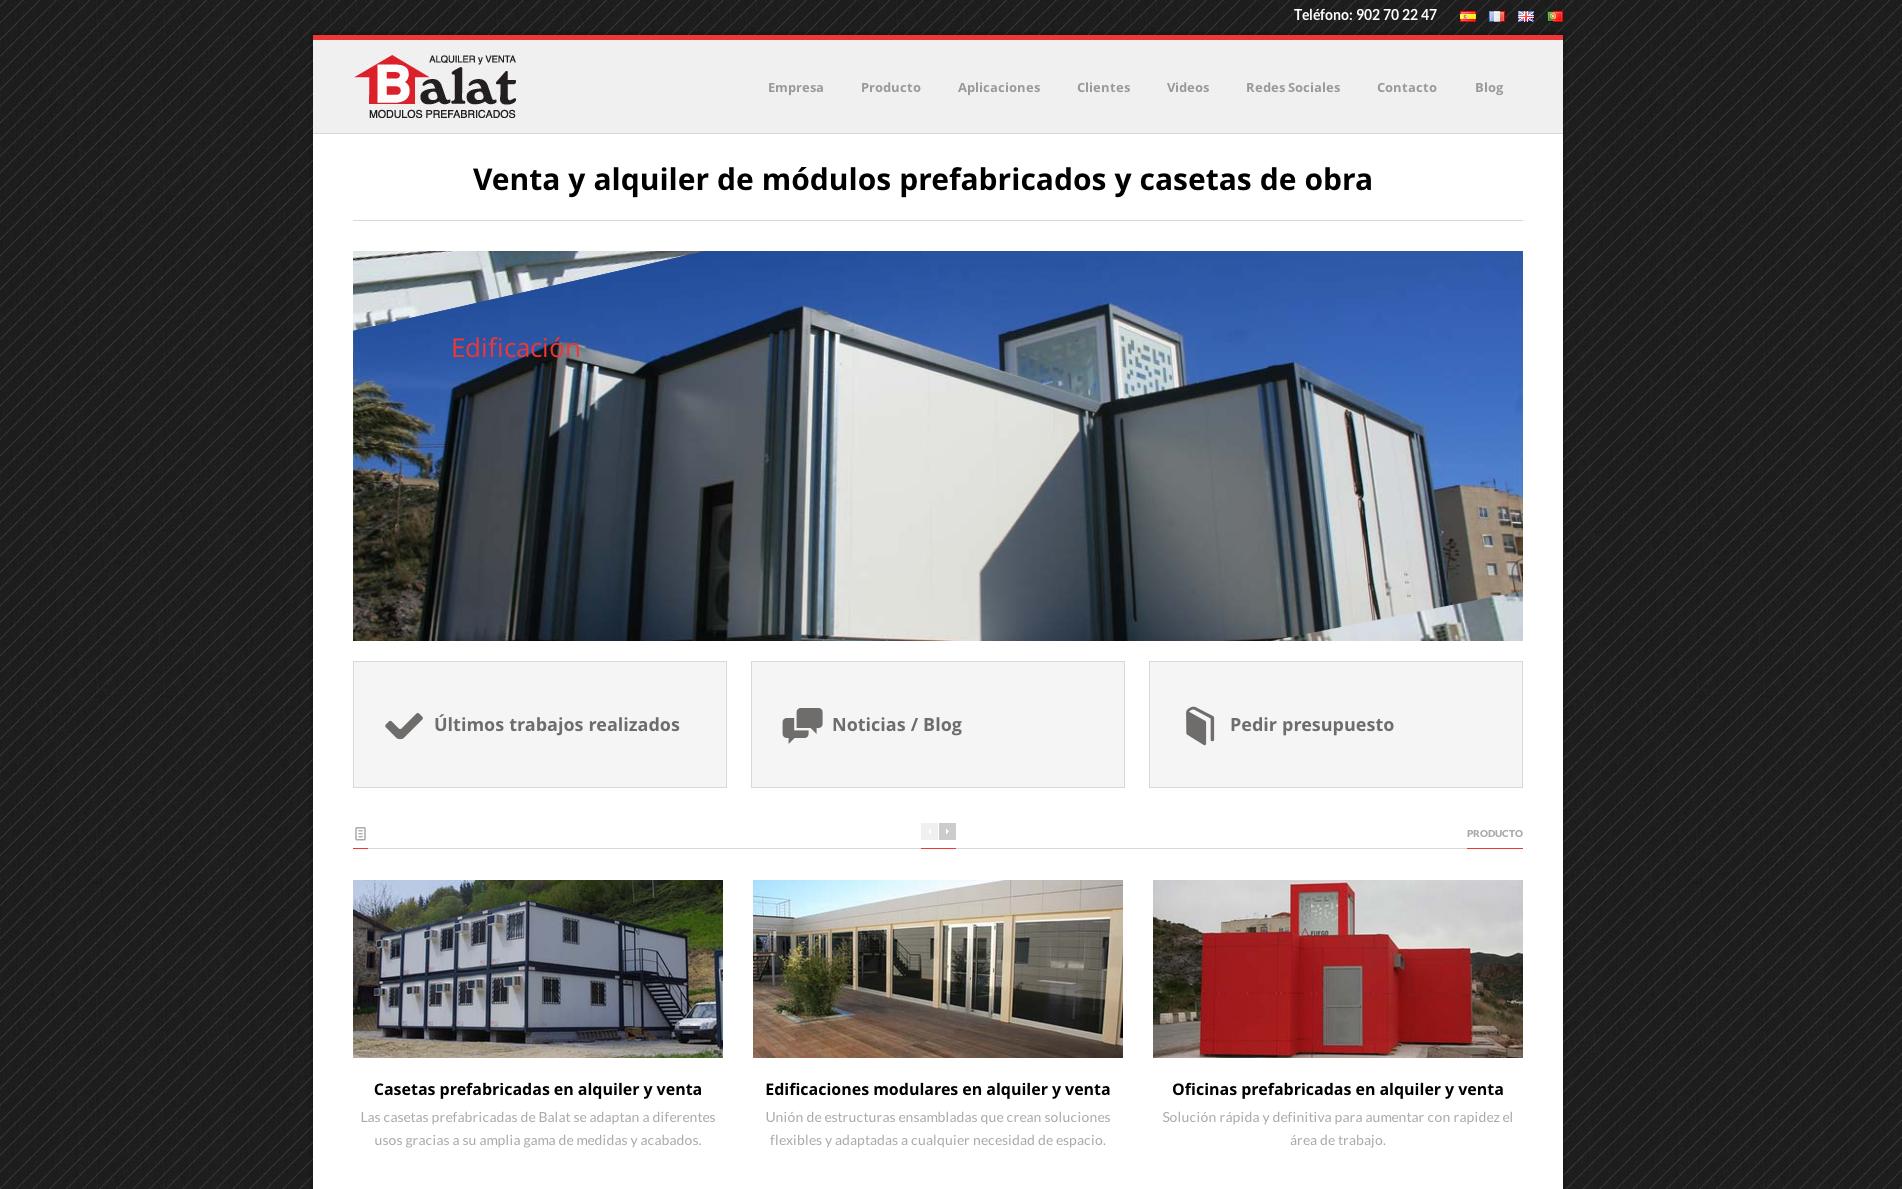 balat módulos prefabricados web